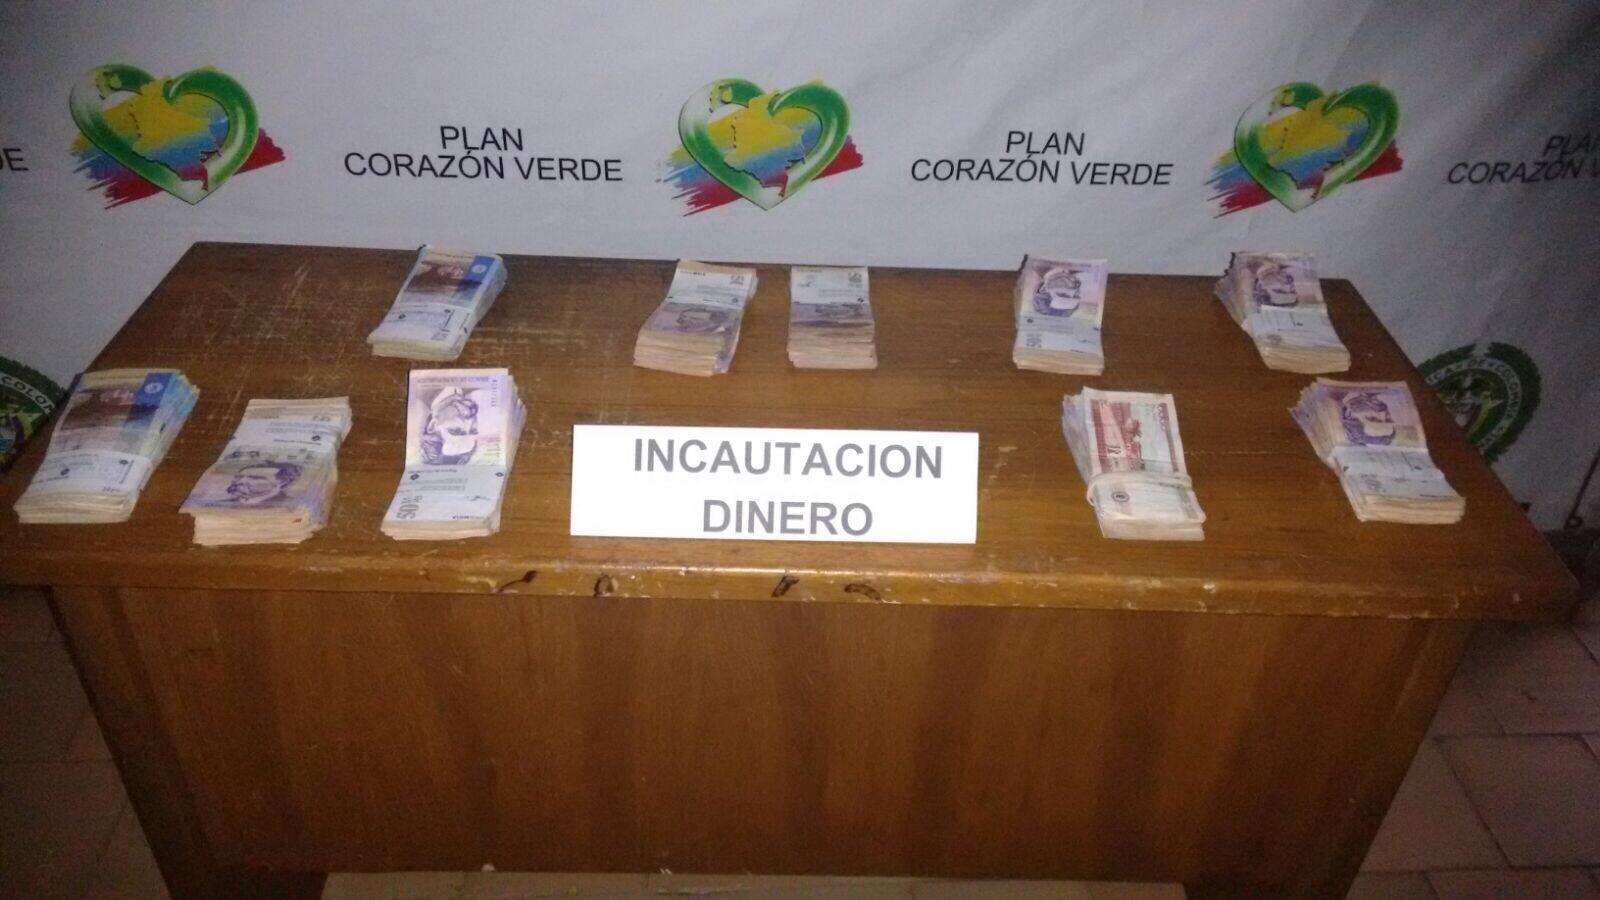 Policía del Valle realizó varias capturas por guerra sucia hacia candidatos de este departamento